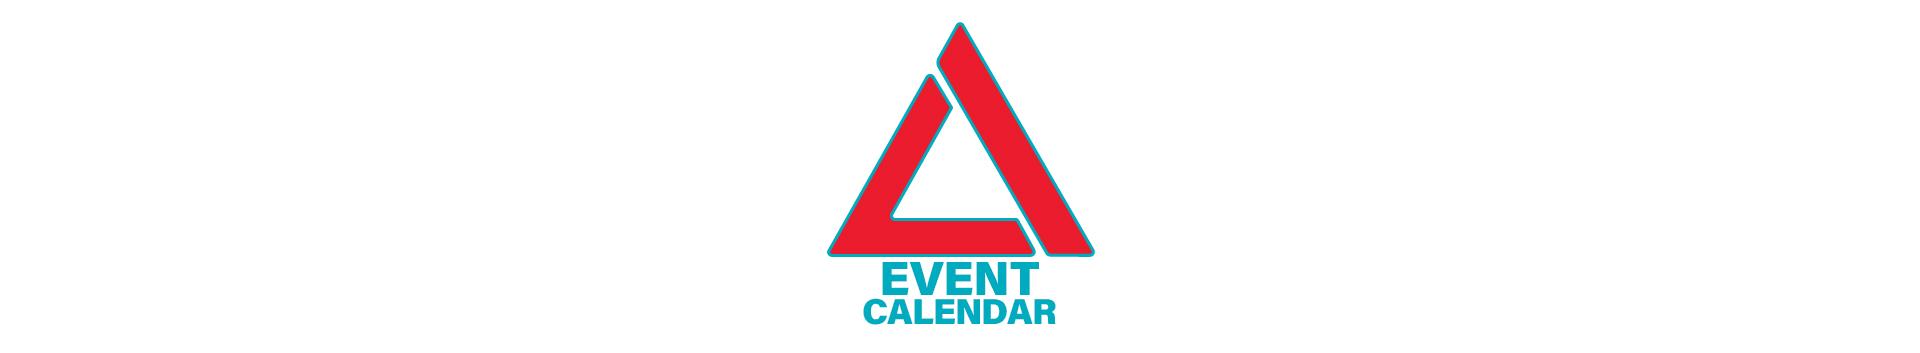 activekidz event calendar